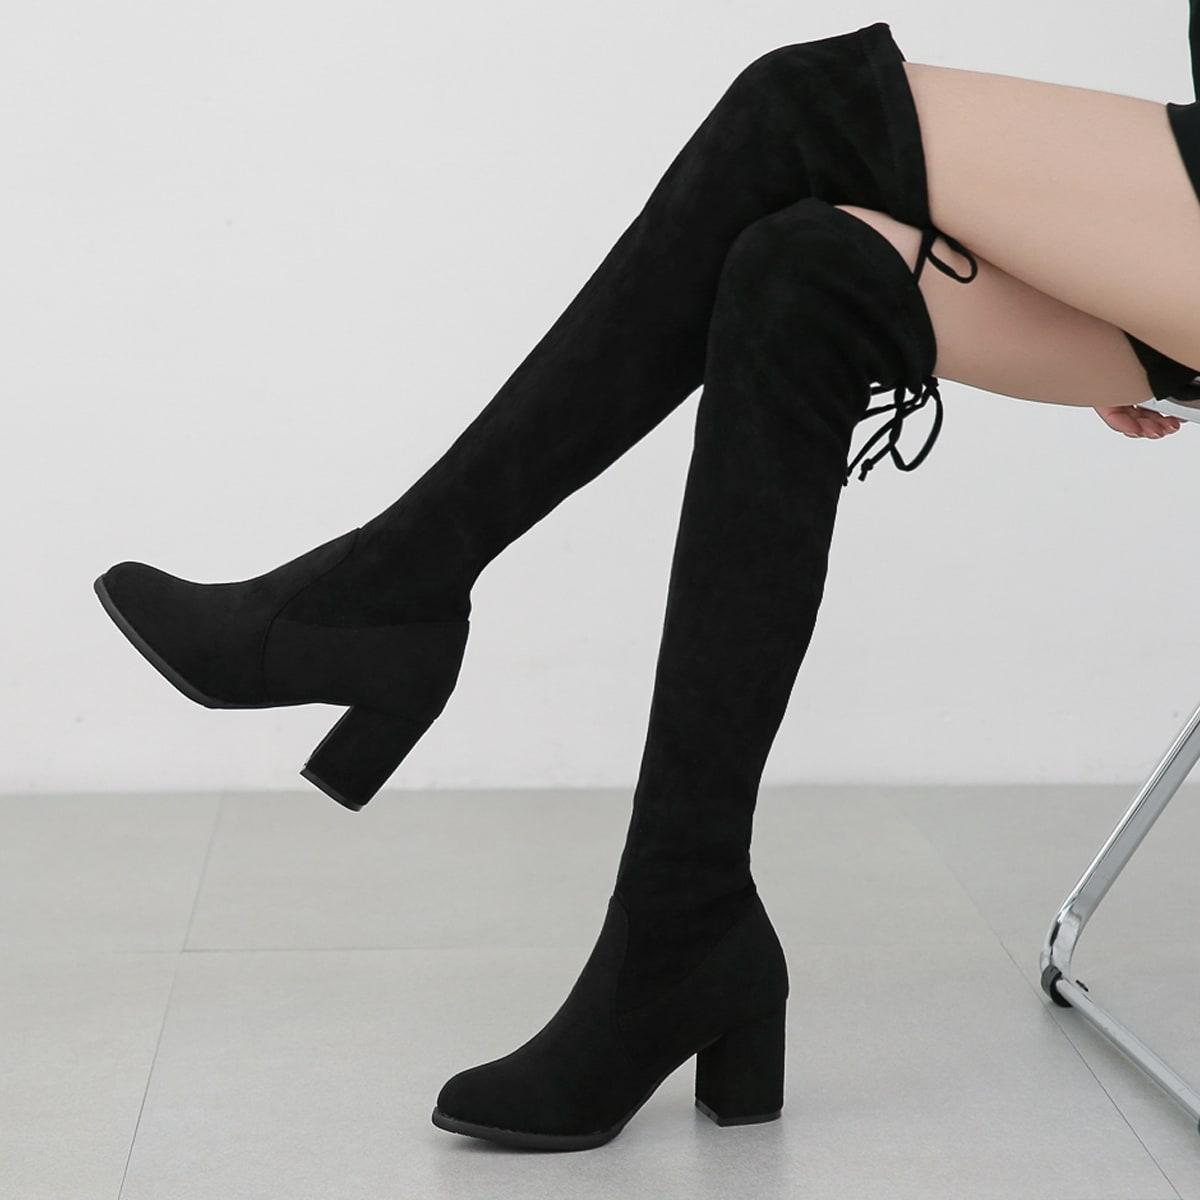 Минималистичные классические ботинки на шнурке